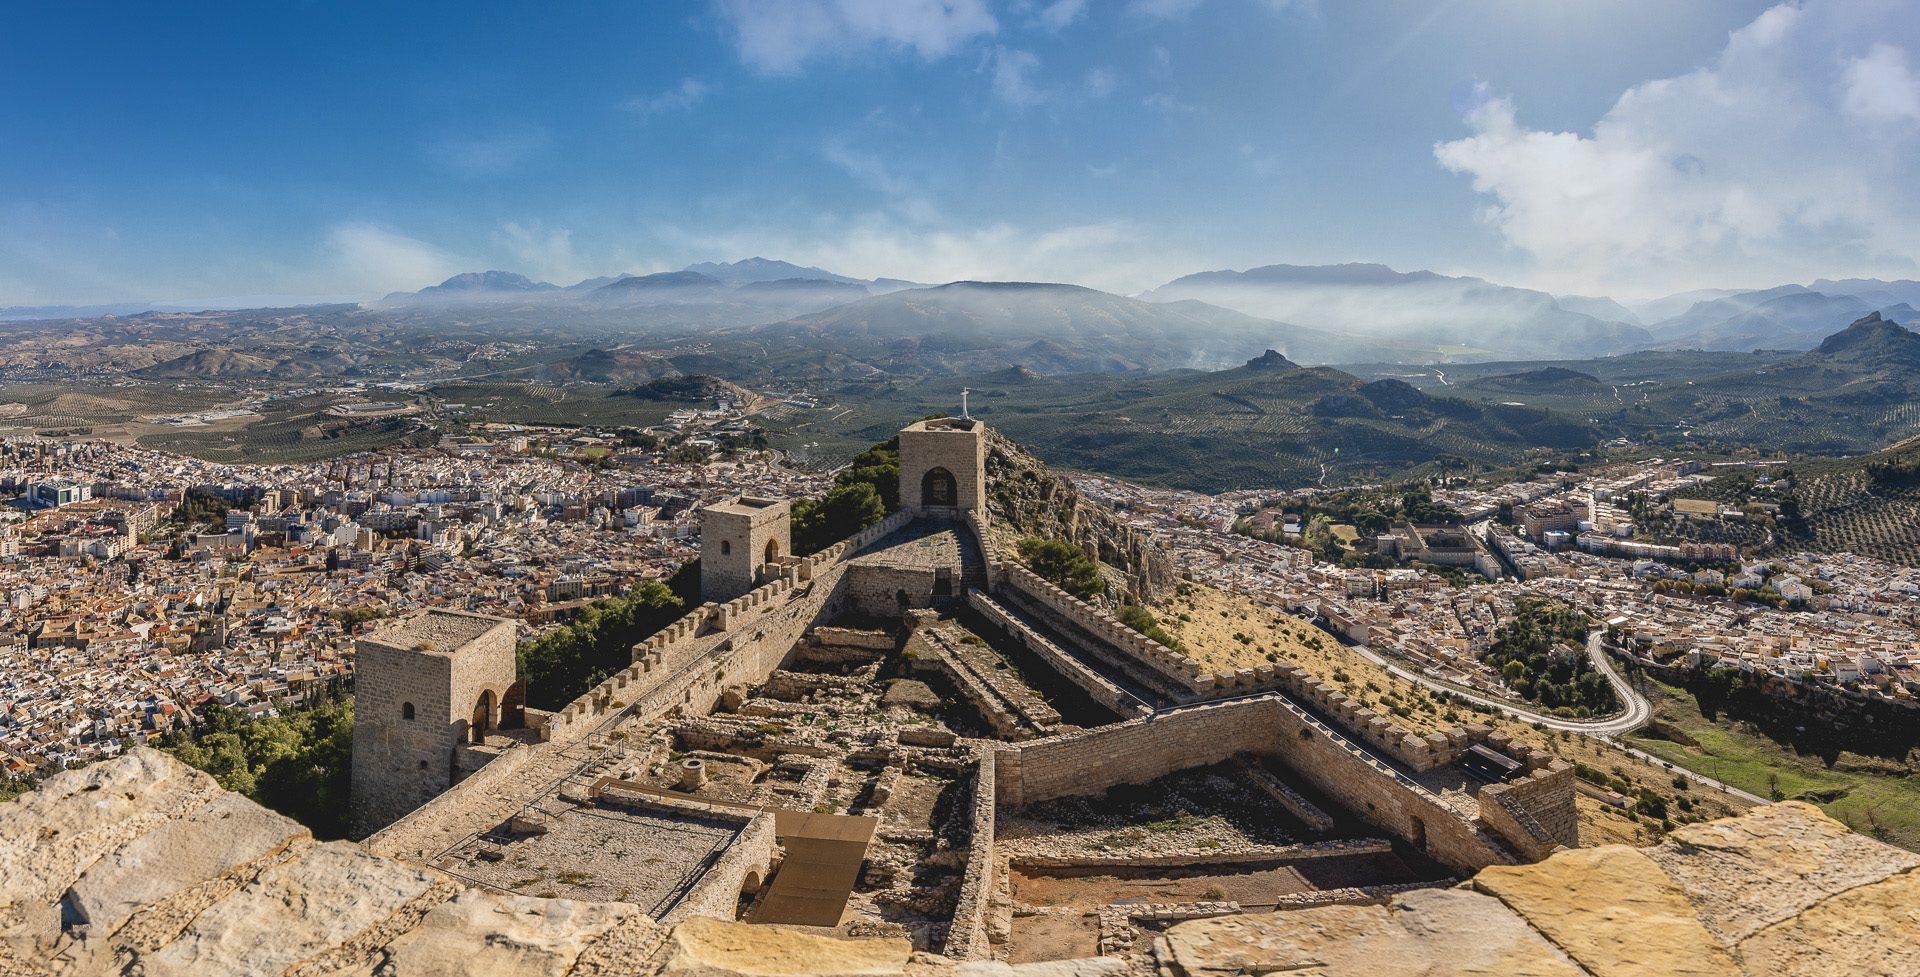 Castillo-Jaen-Baja-11